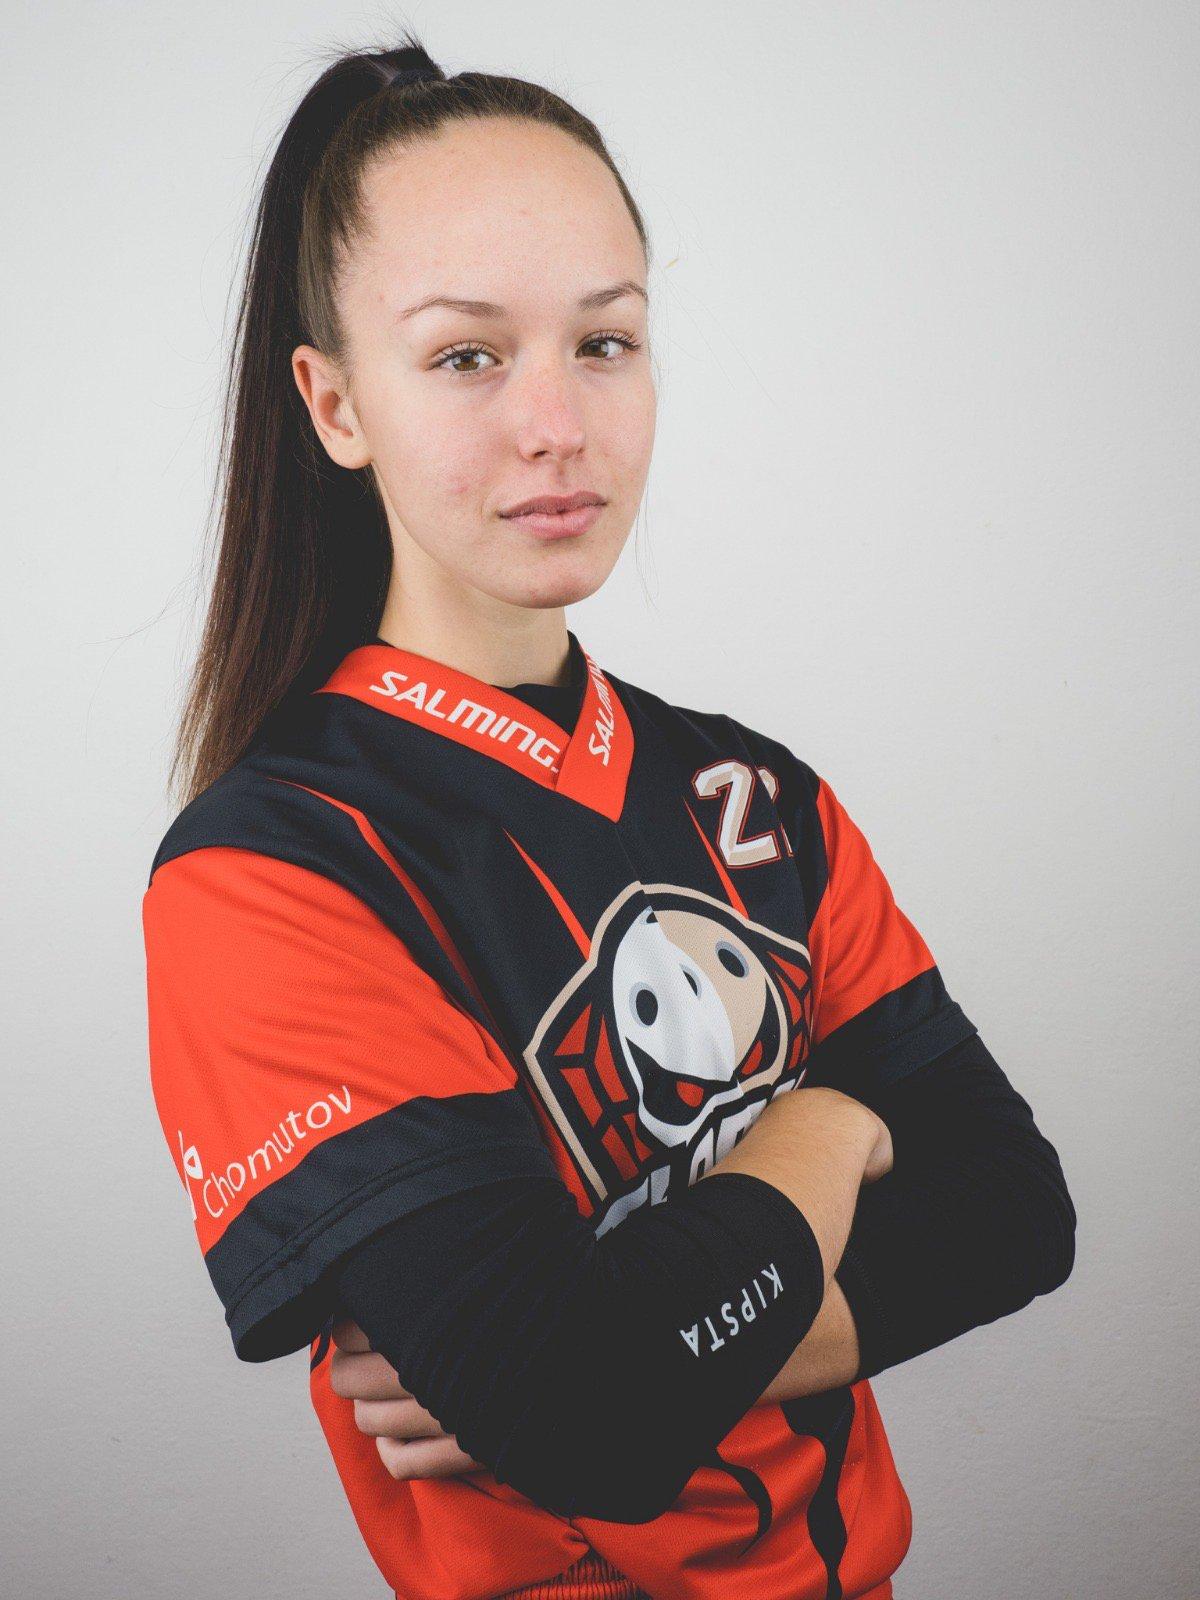 Tereza Suková #71